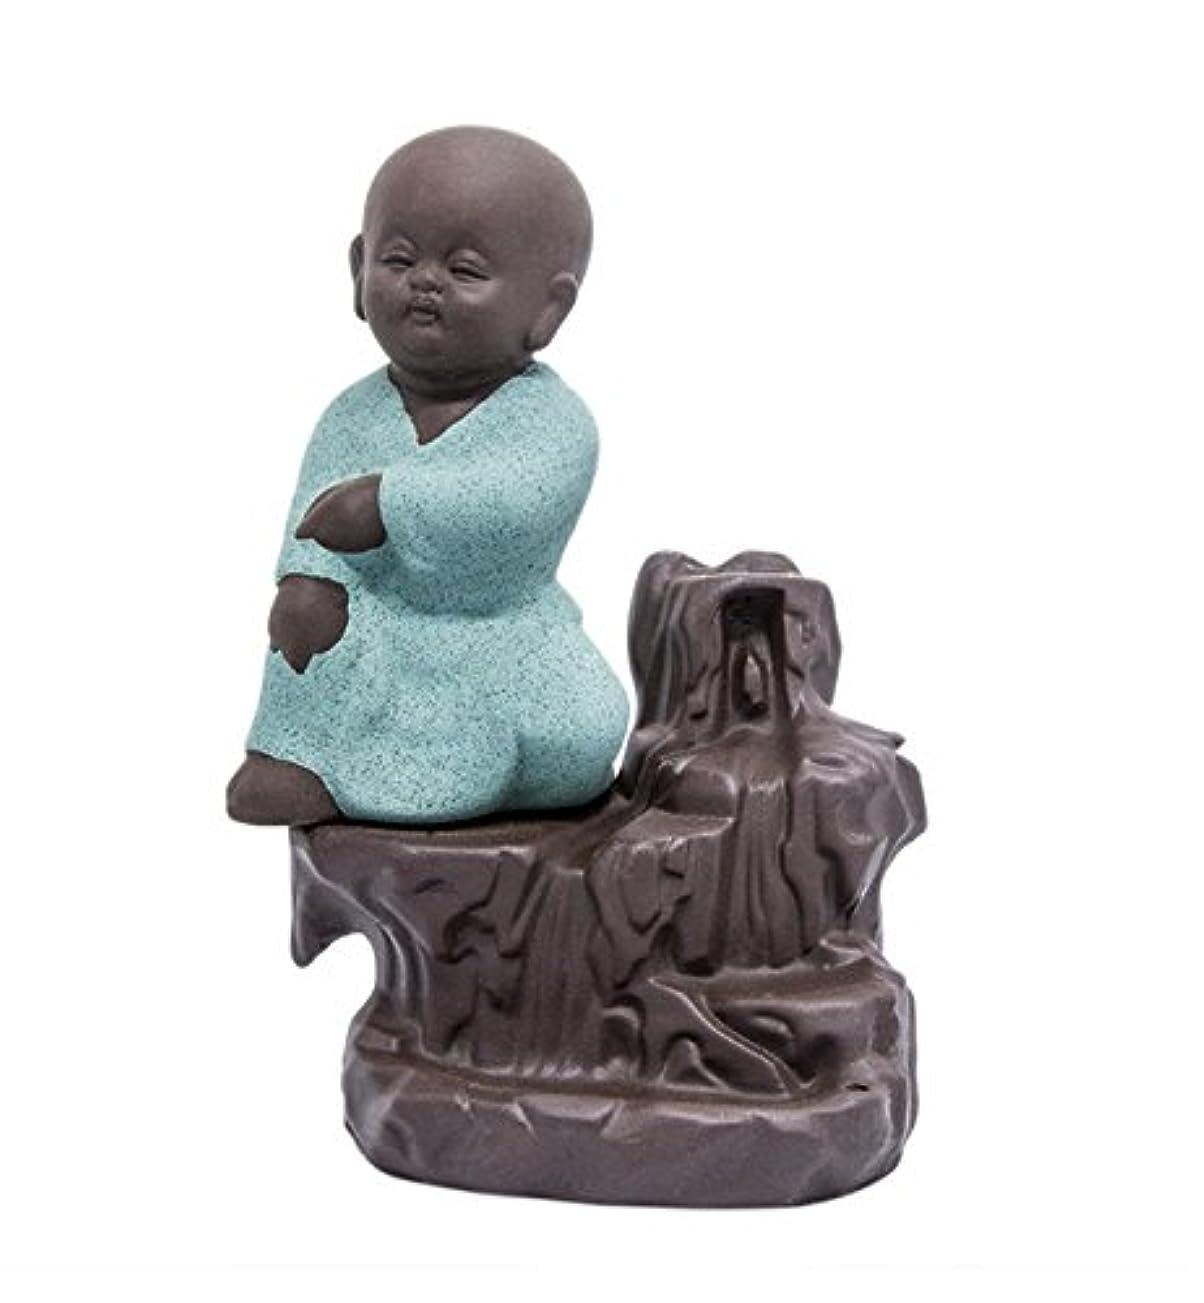 クリーナーインカ帝国効率逆流香炉タワーCones Sticks Little Monkホルダーセラミック磁器Buddha Monk Ashキャッチャーby Simon & # xff08 ;グリーン& # xff09 ;